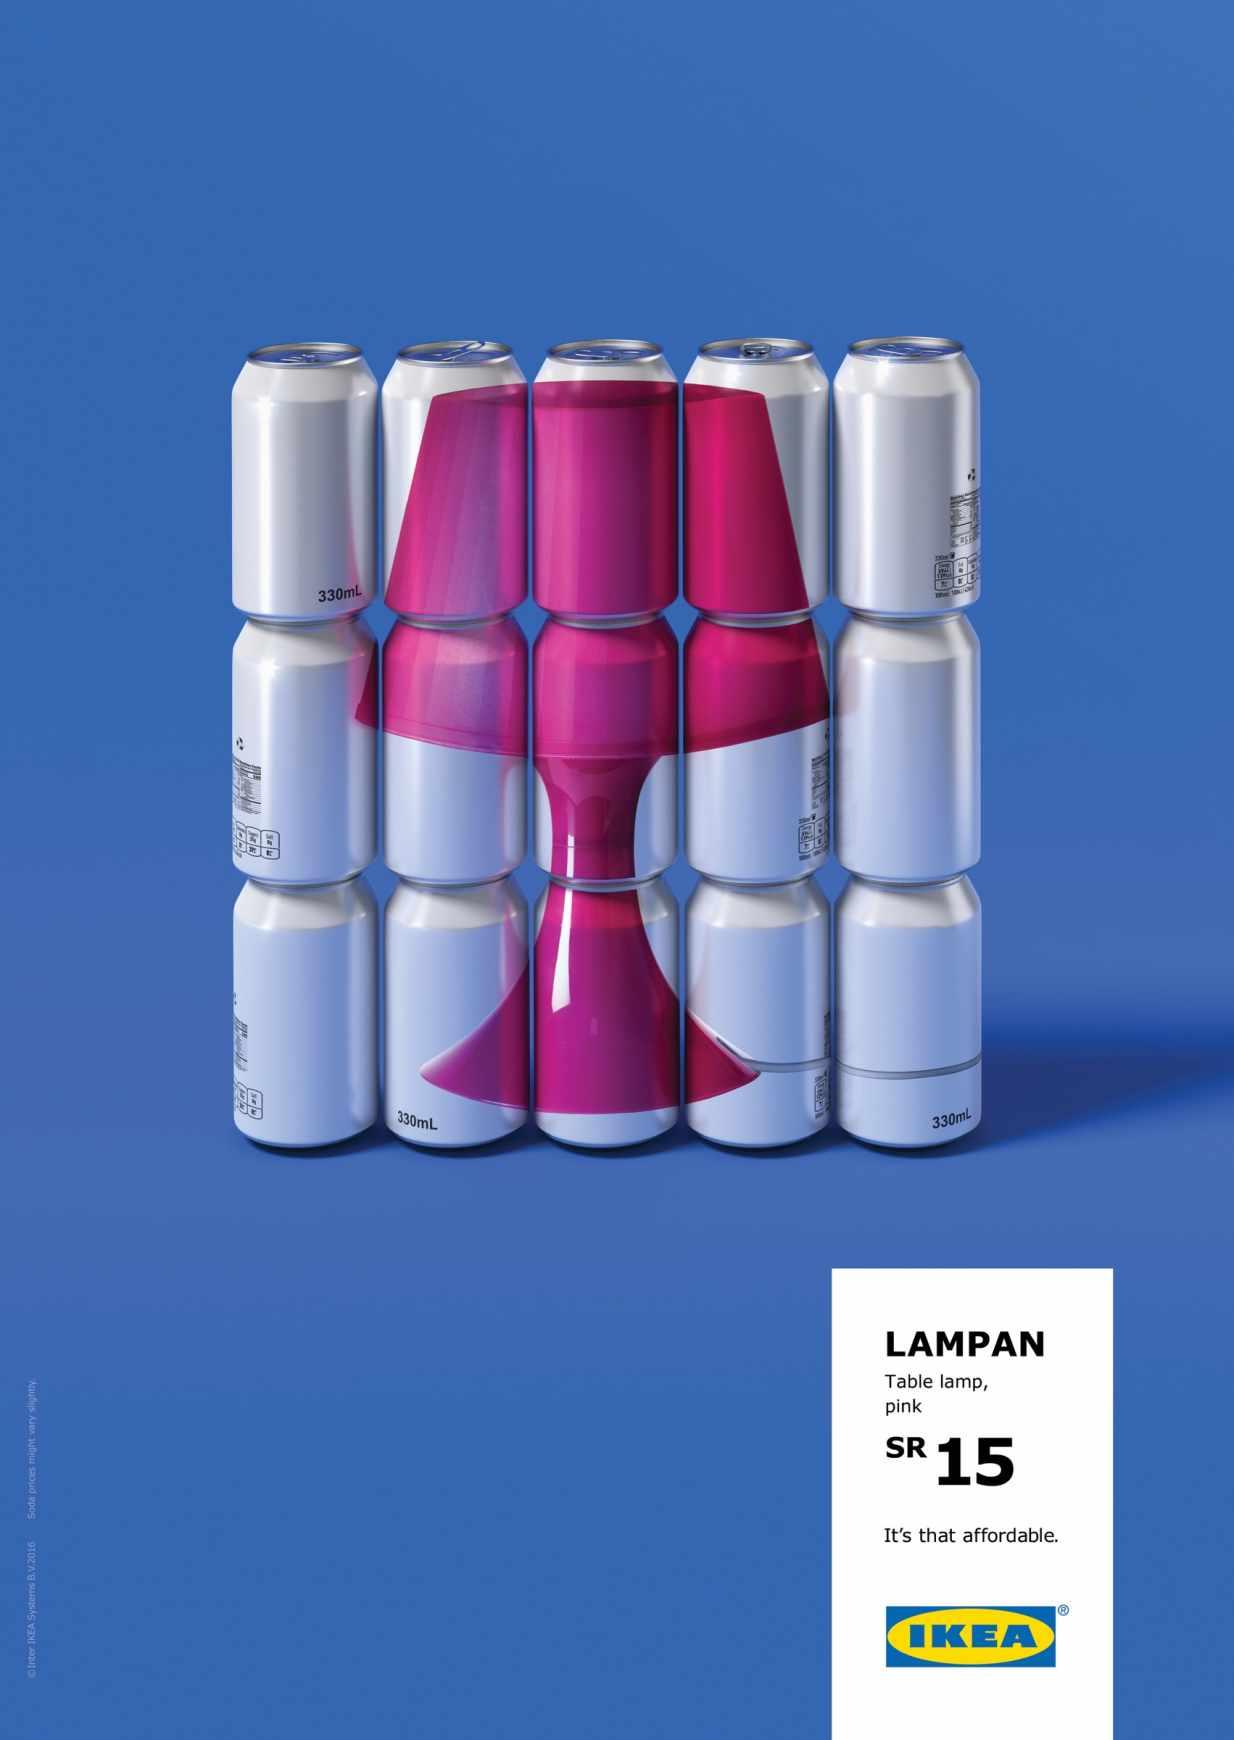 IKEA ad campaign lamp